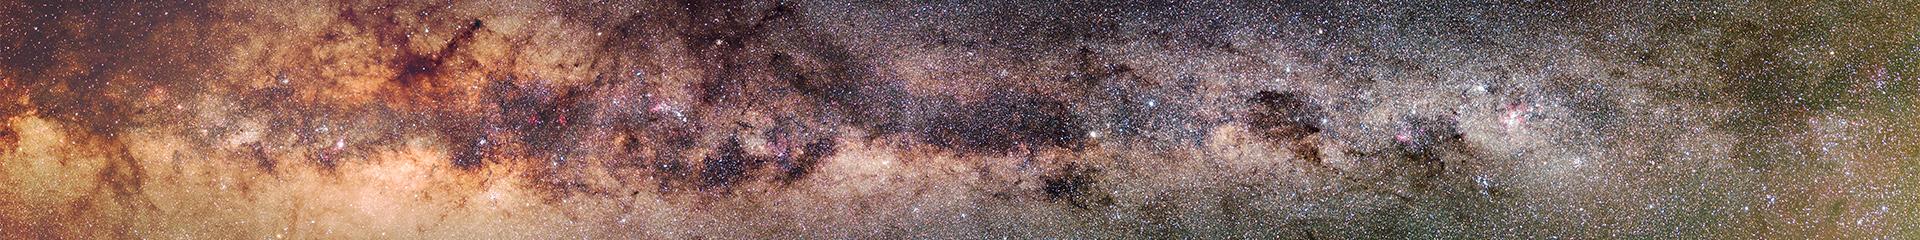 Всероссийская астрономическая конференция